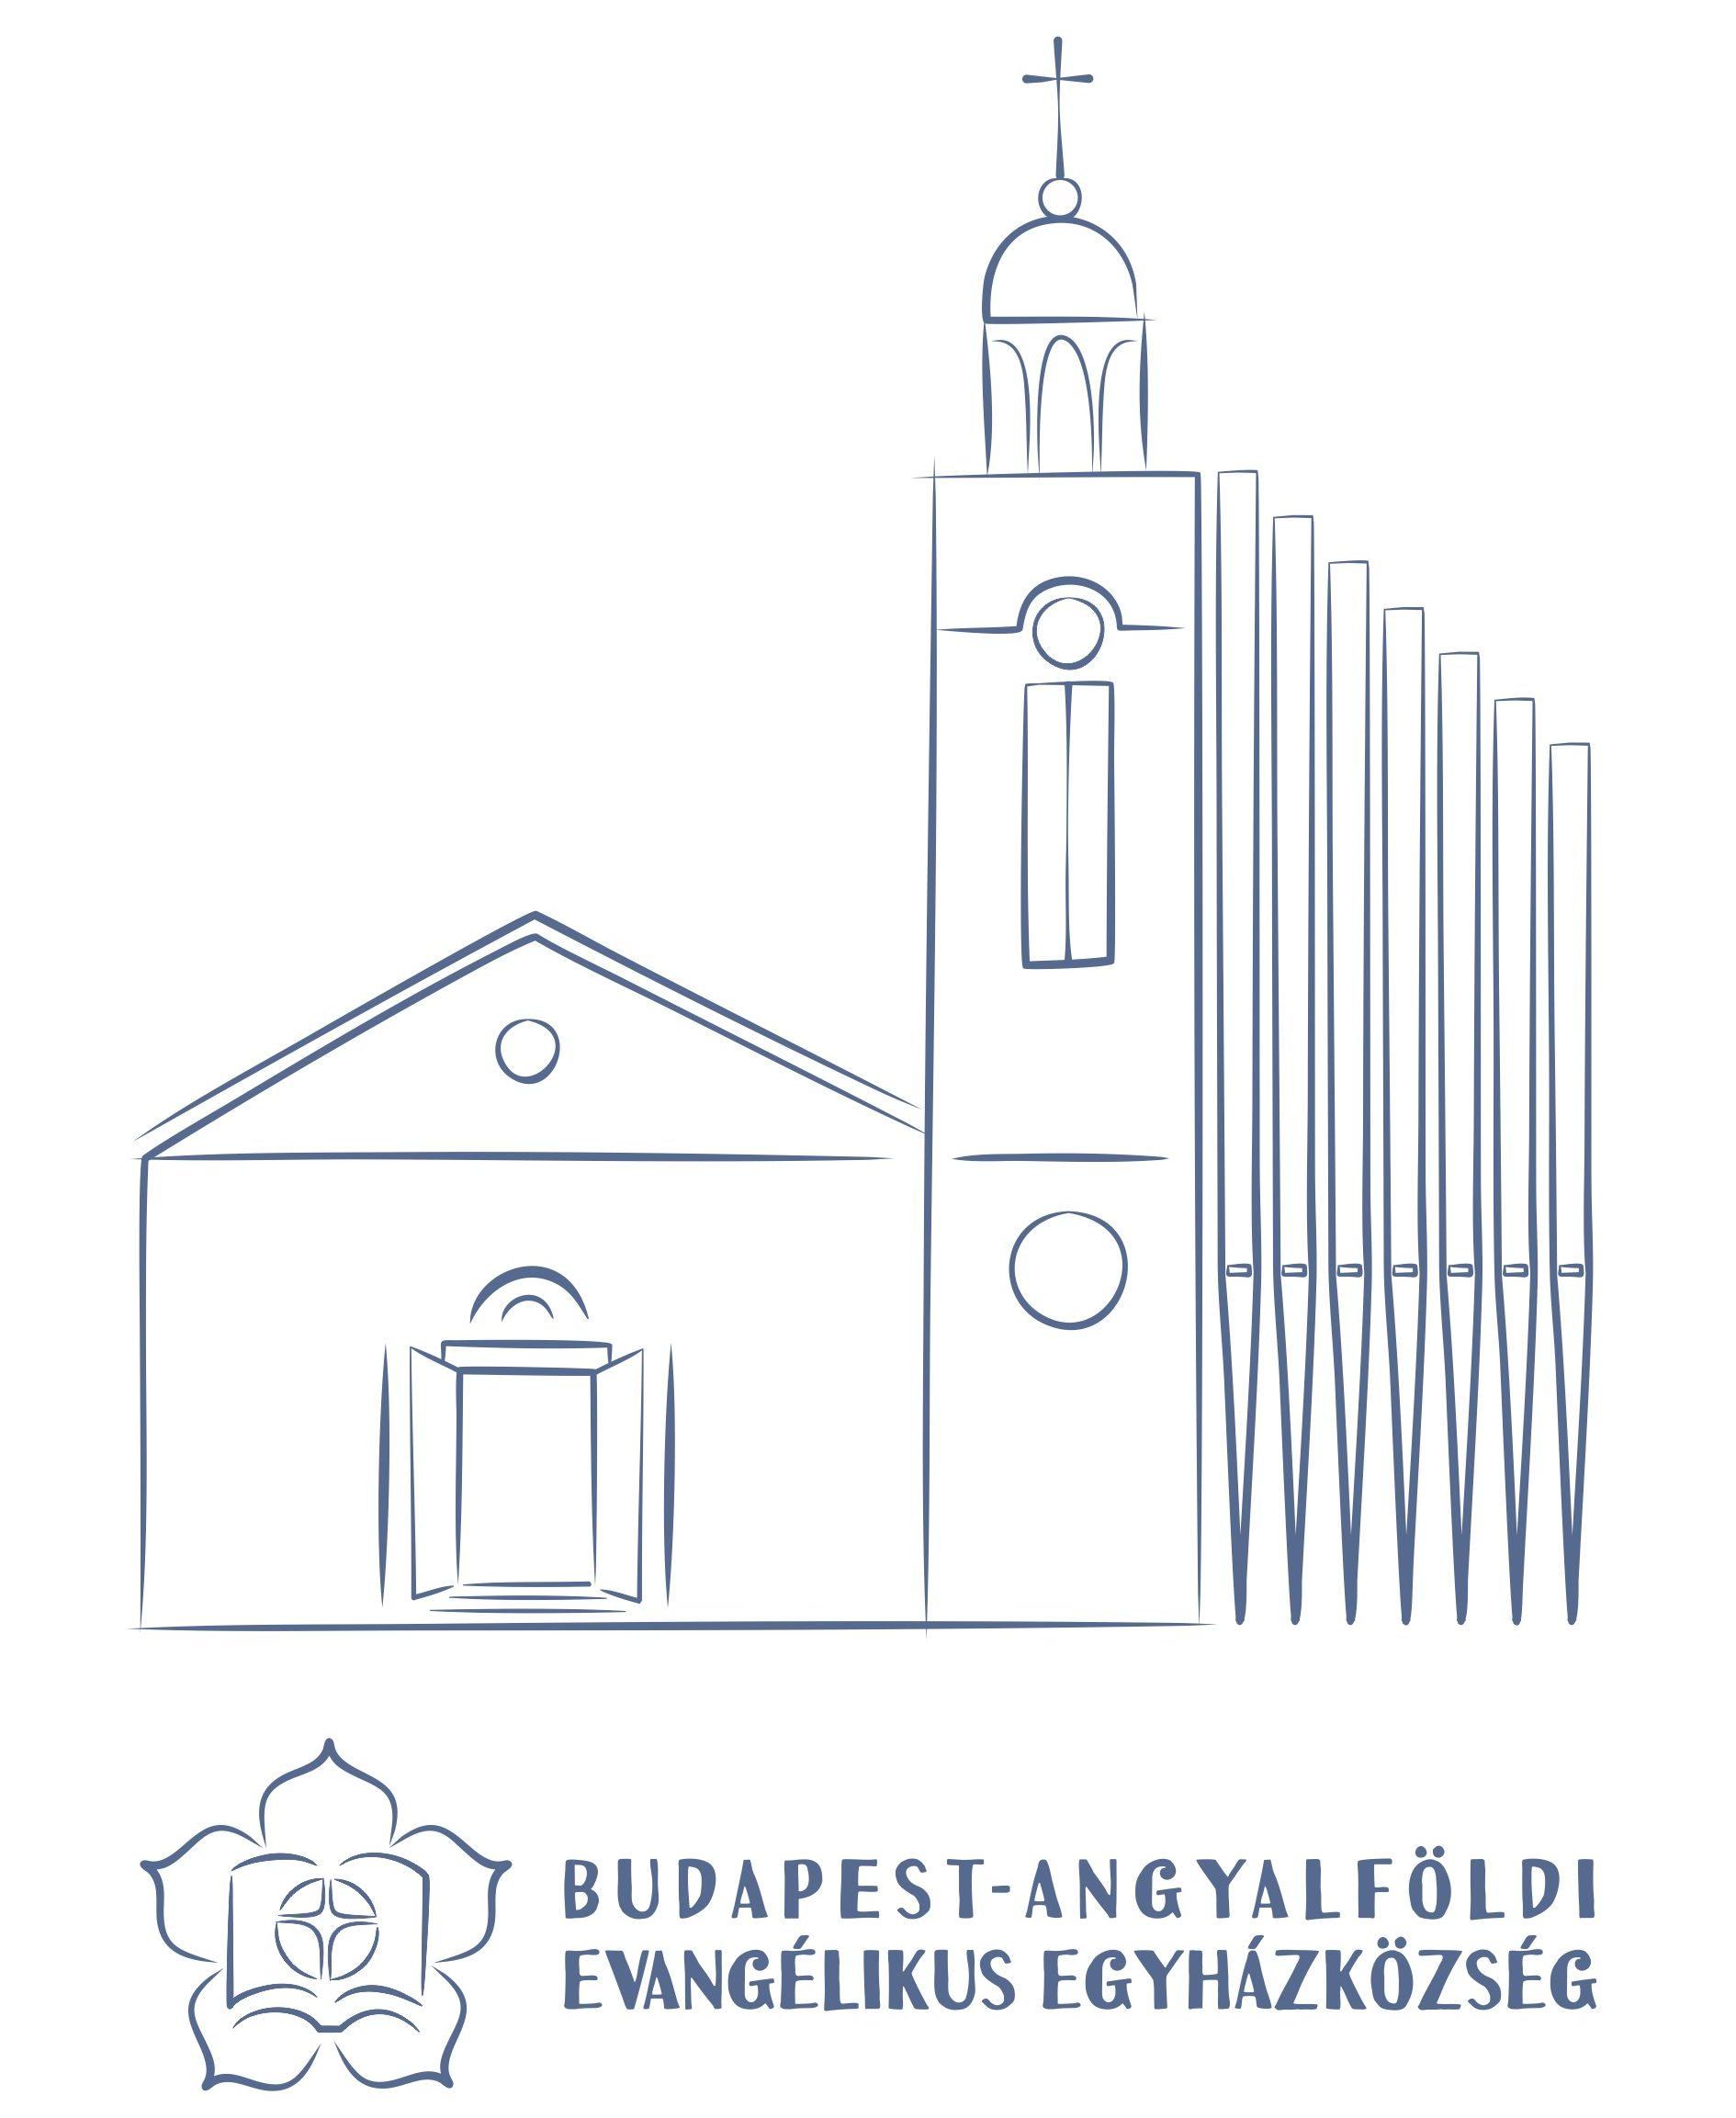 Budapest-Angyalföldi Evangélikus Egyházközség